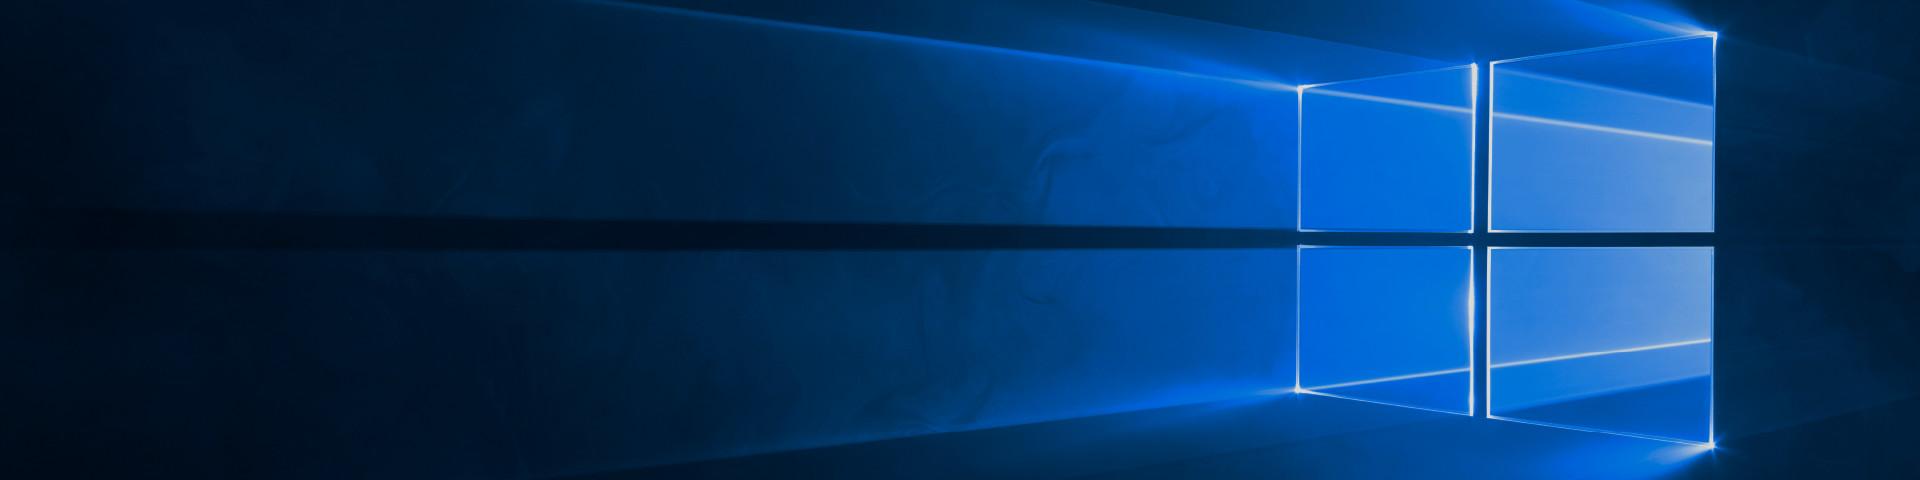 Windows 10 er kommet, og du kan hente det gratis.*